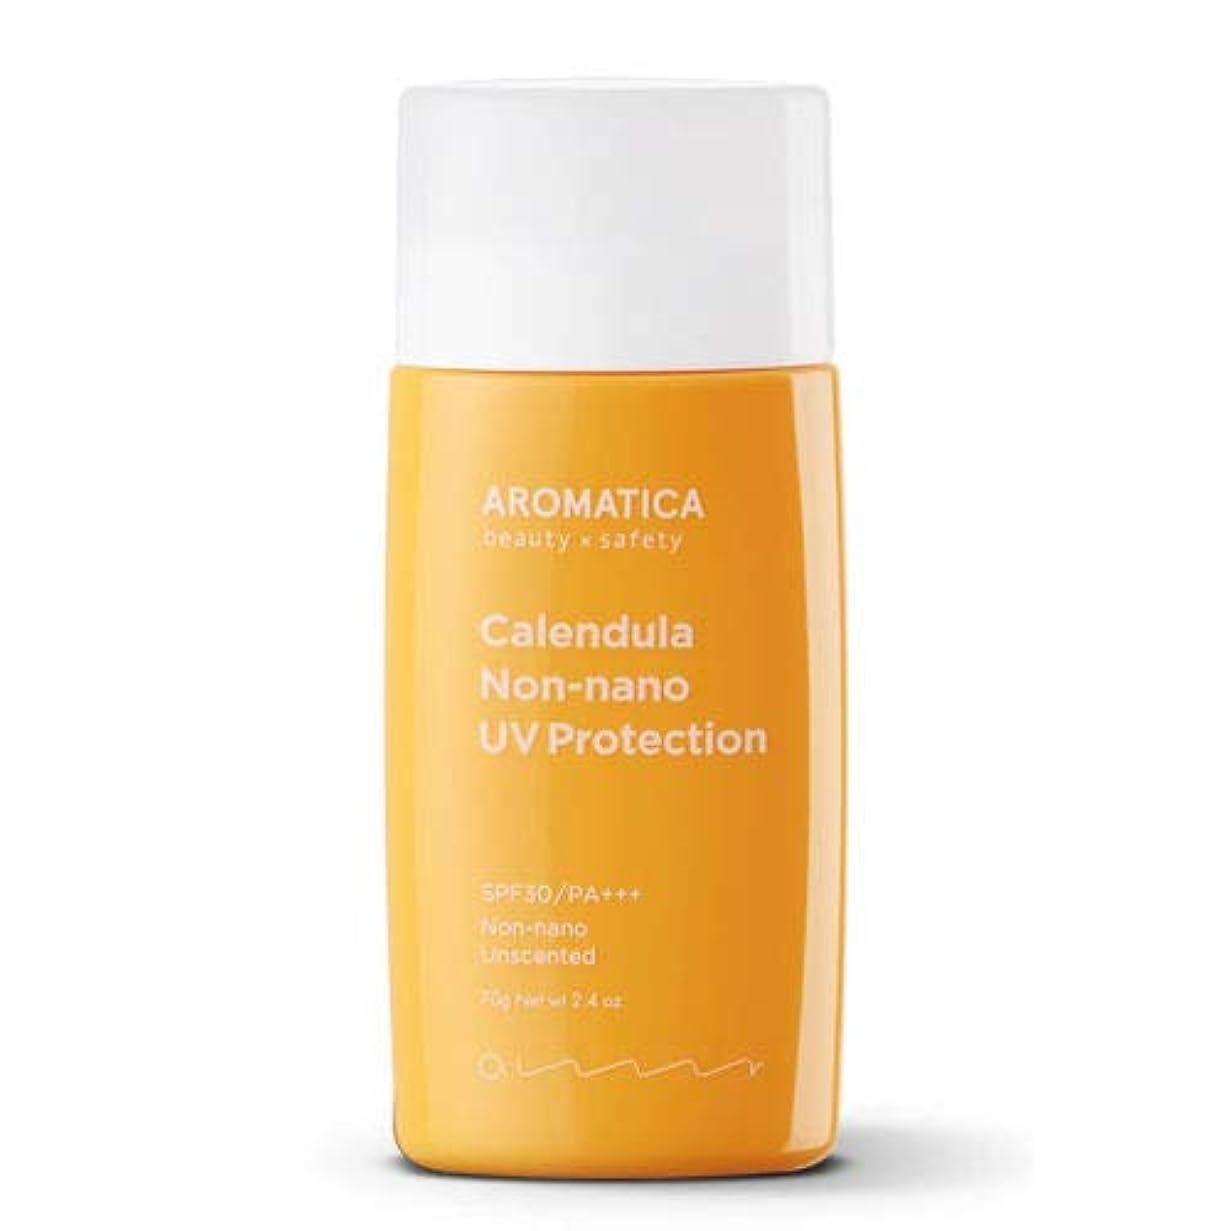 日の出軌道感情のAROMATICA アロマティカ Calendula NON-NANO UV Protection Unscented サンクリーム 70g SPF30/PA+++ 米国 日焼け止め